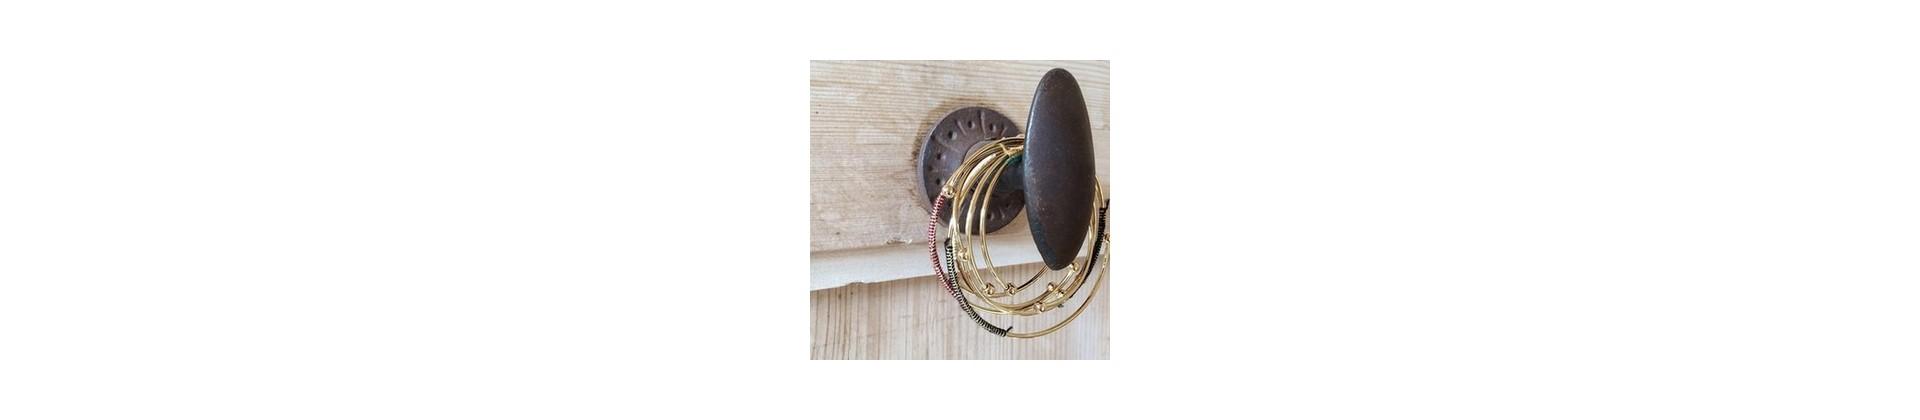 Soldes bijoux & accessoires